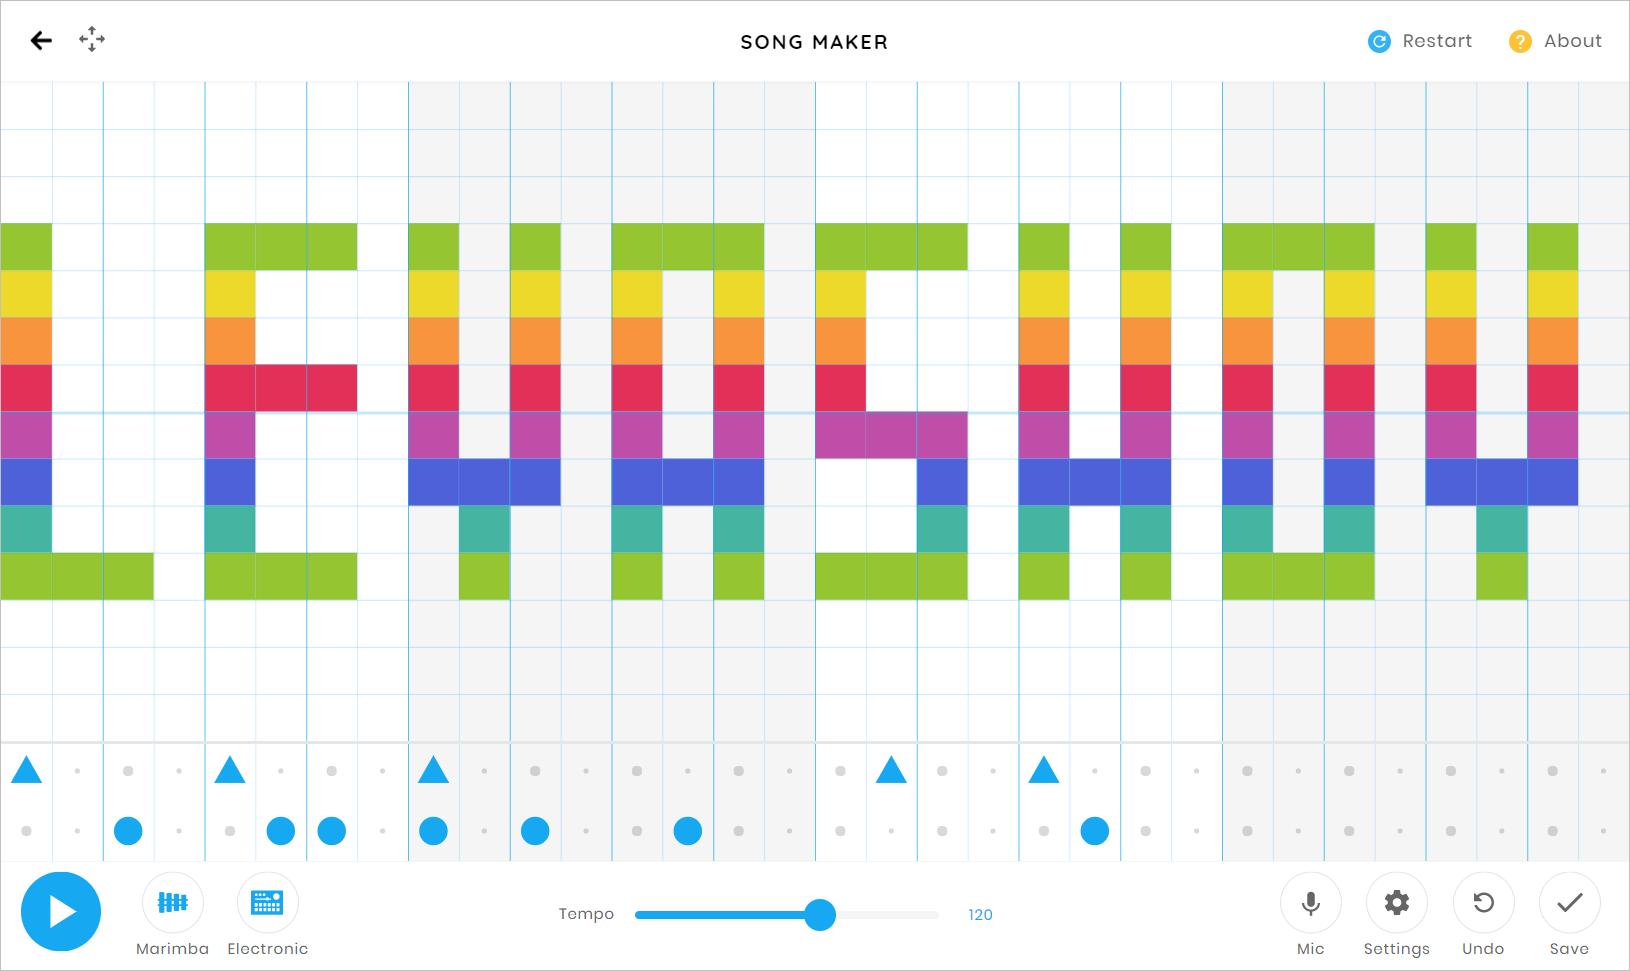 Cервис для создания музыкальных треков в браузере от Google